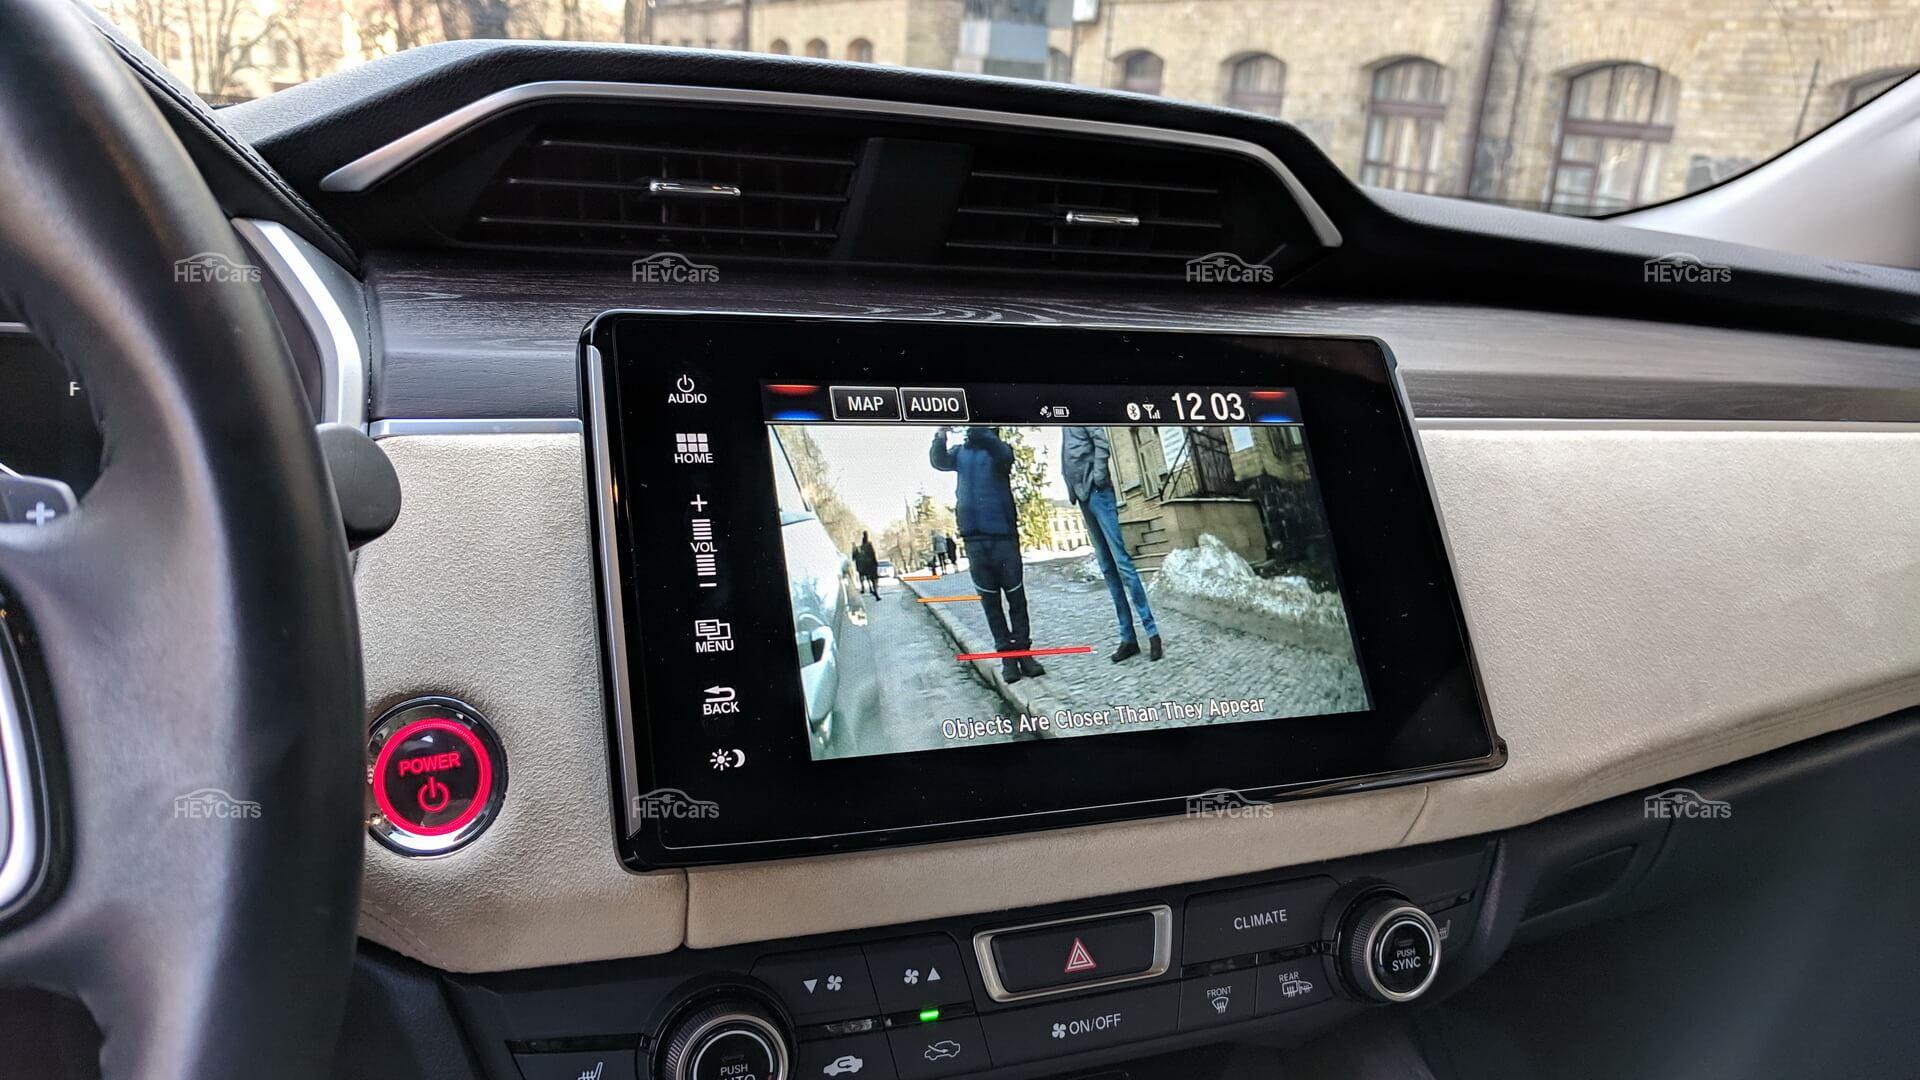 Honda Clarity Plug-in Hybrid использует камеру для отображения проезжей части на сенсорном экране